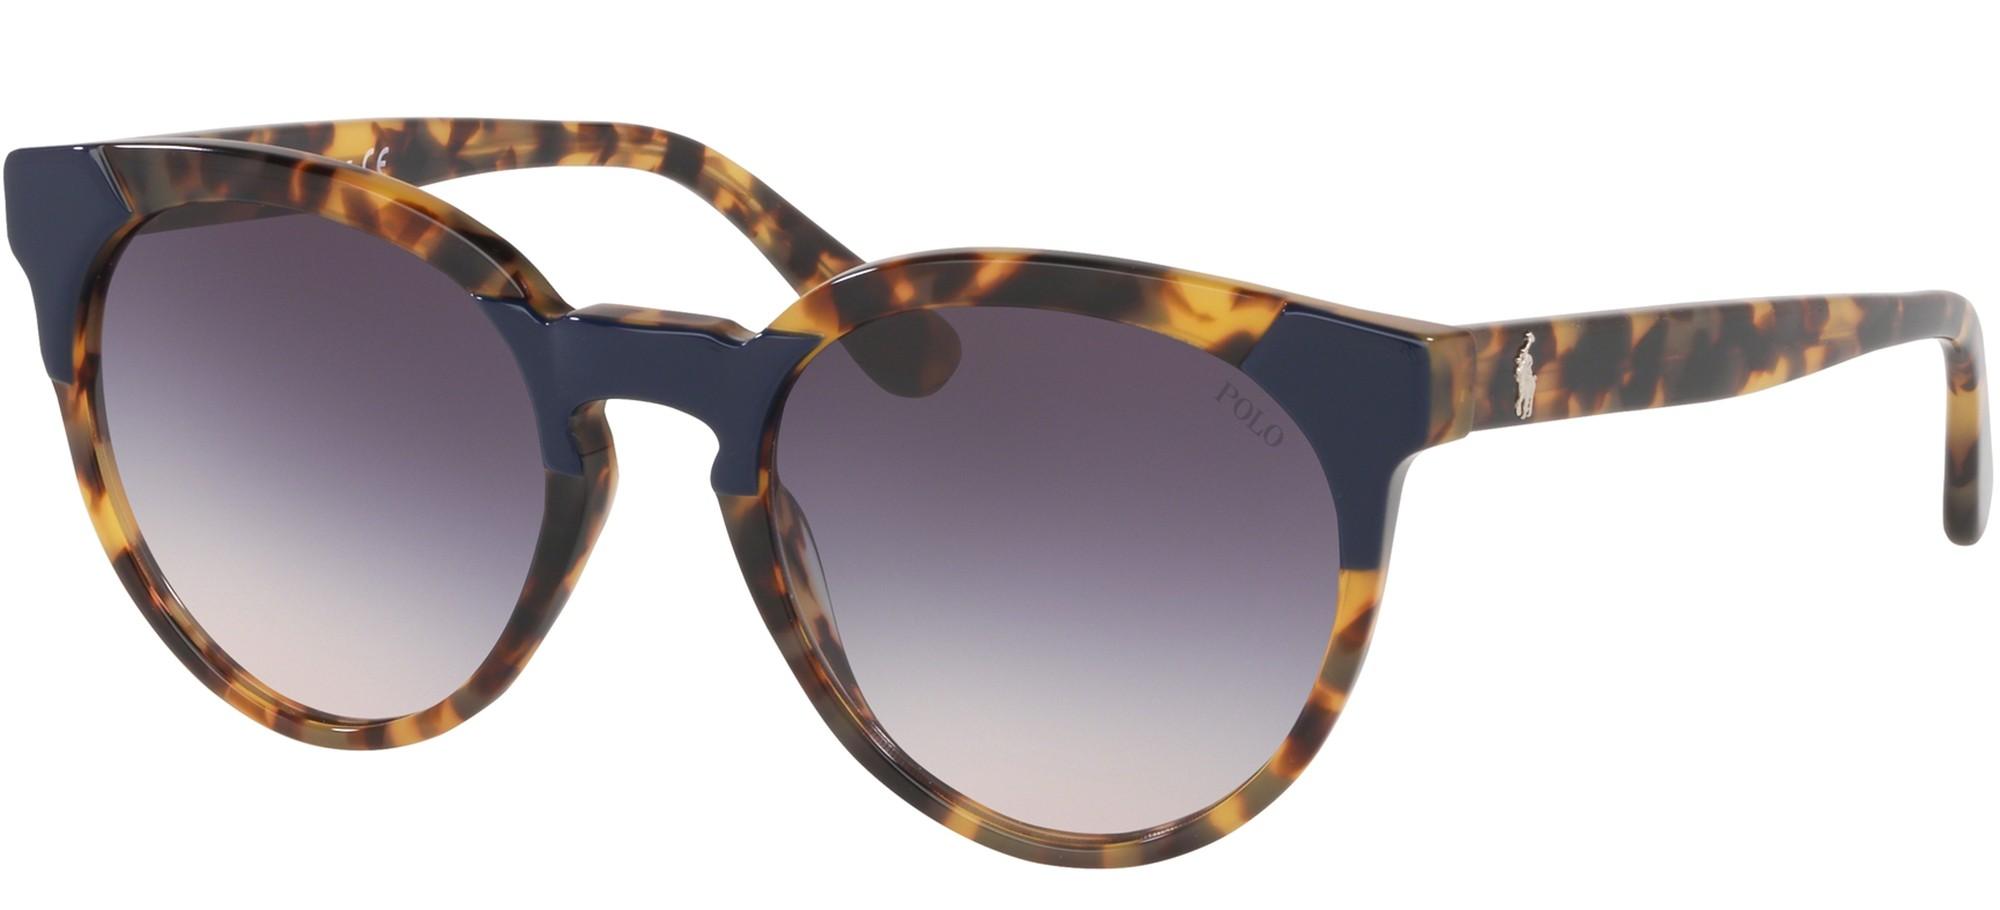 Polo Ralph Lauren solbriller PH 4147